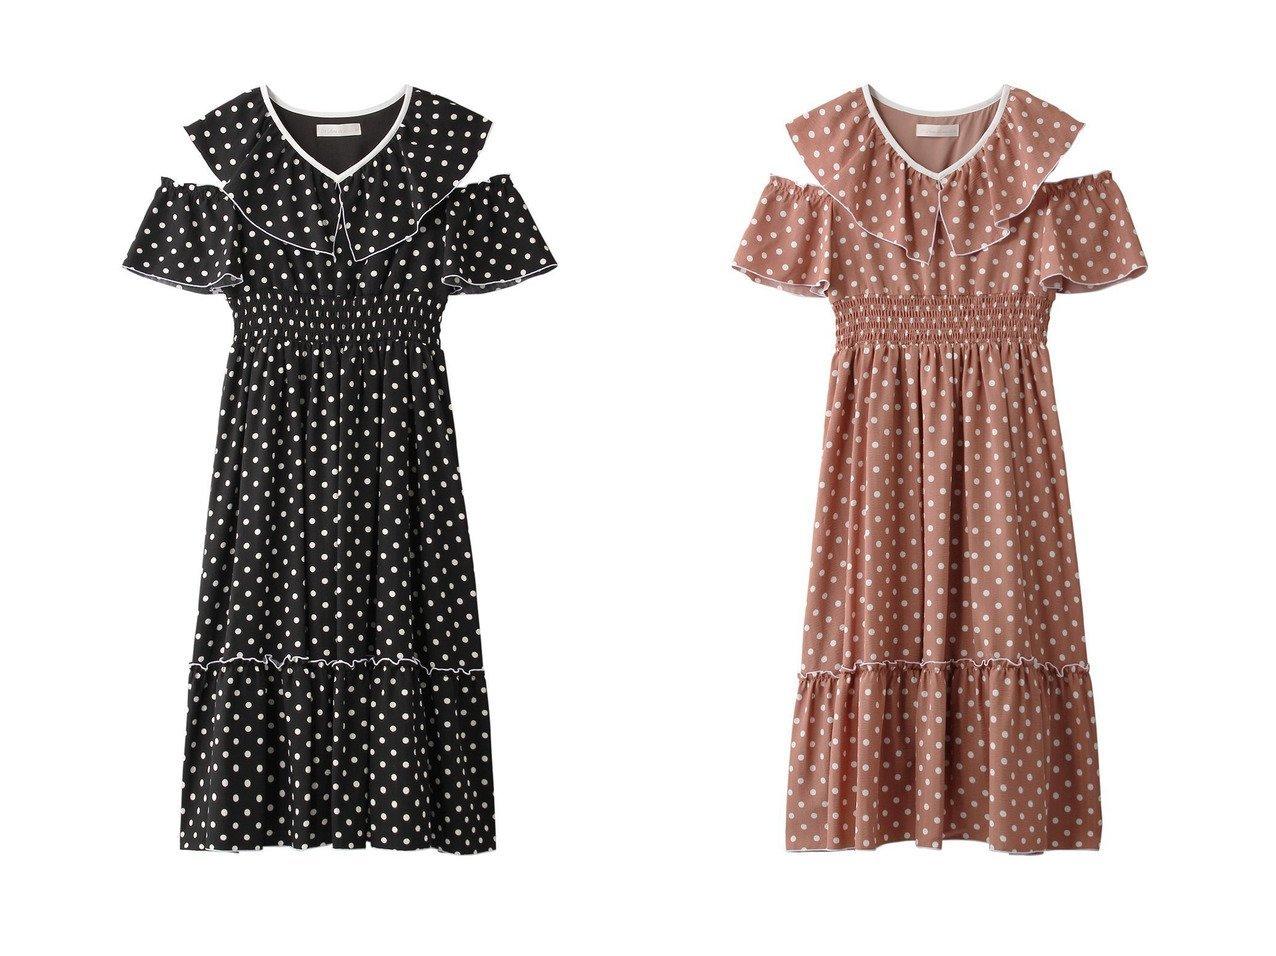 【31 Sons de mode/トランテアン ソン ドゥ モード】のドットフリルワンピース 【ワンピース・ドレス】おすすめ!人気、トレンド・レディースファッションの通販 おすすめで人気の流行・トレンド、ファッションの通販商品 インテリア・家具・メンズファッション・キッズファッション・レディースファッション・服の通販 founy(ファニー) https://founy.com/ ファッション Fashion レディースファッション WOMEN ワンピース Dress チュニック Tunic 2020年 2020 2020-2021秋冬・A/W AW・Autumn/Winter・FW・Fall-Winter/2020-2021 2021年 2021 2021-2022秋冬・A/W AW・Autumn/Winter・FW・Fall-Winter・2021-2022 A/W・秋冬 AW・Autumn/Winter・FW・Fall-Winter アクセサリー チュニック ドット フリル ロング |ID:crp329100000062675